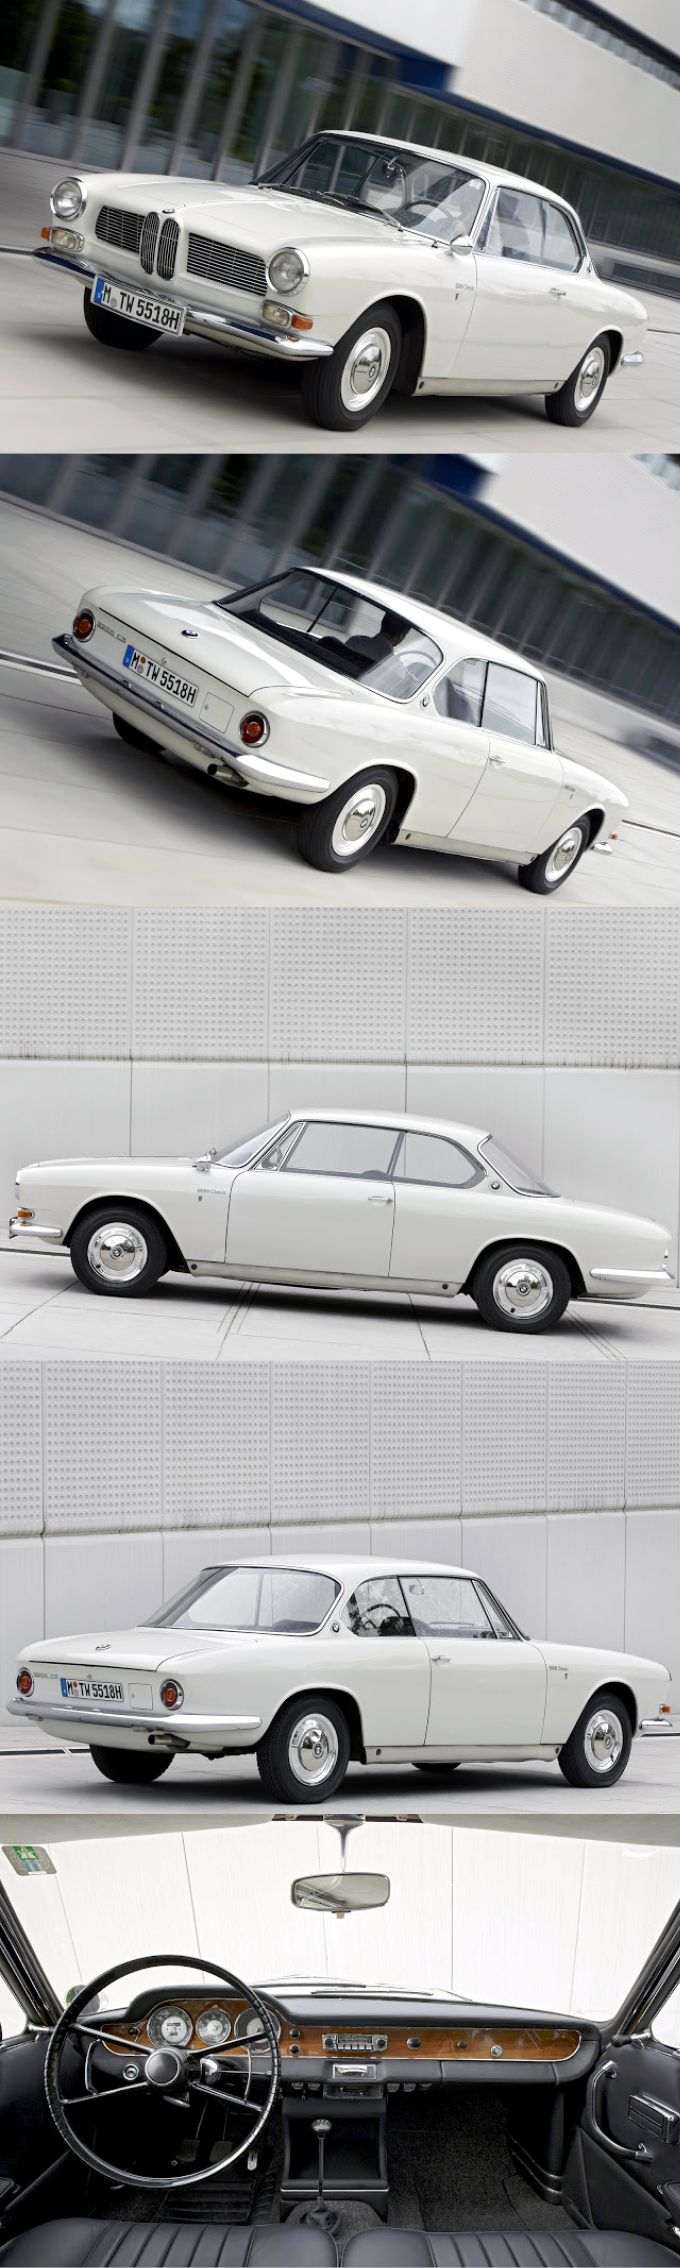 BMW 3200 CS bylo vyráběno mezi léty 1962 a 1965. | BMW | Pinterest ...